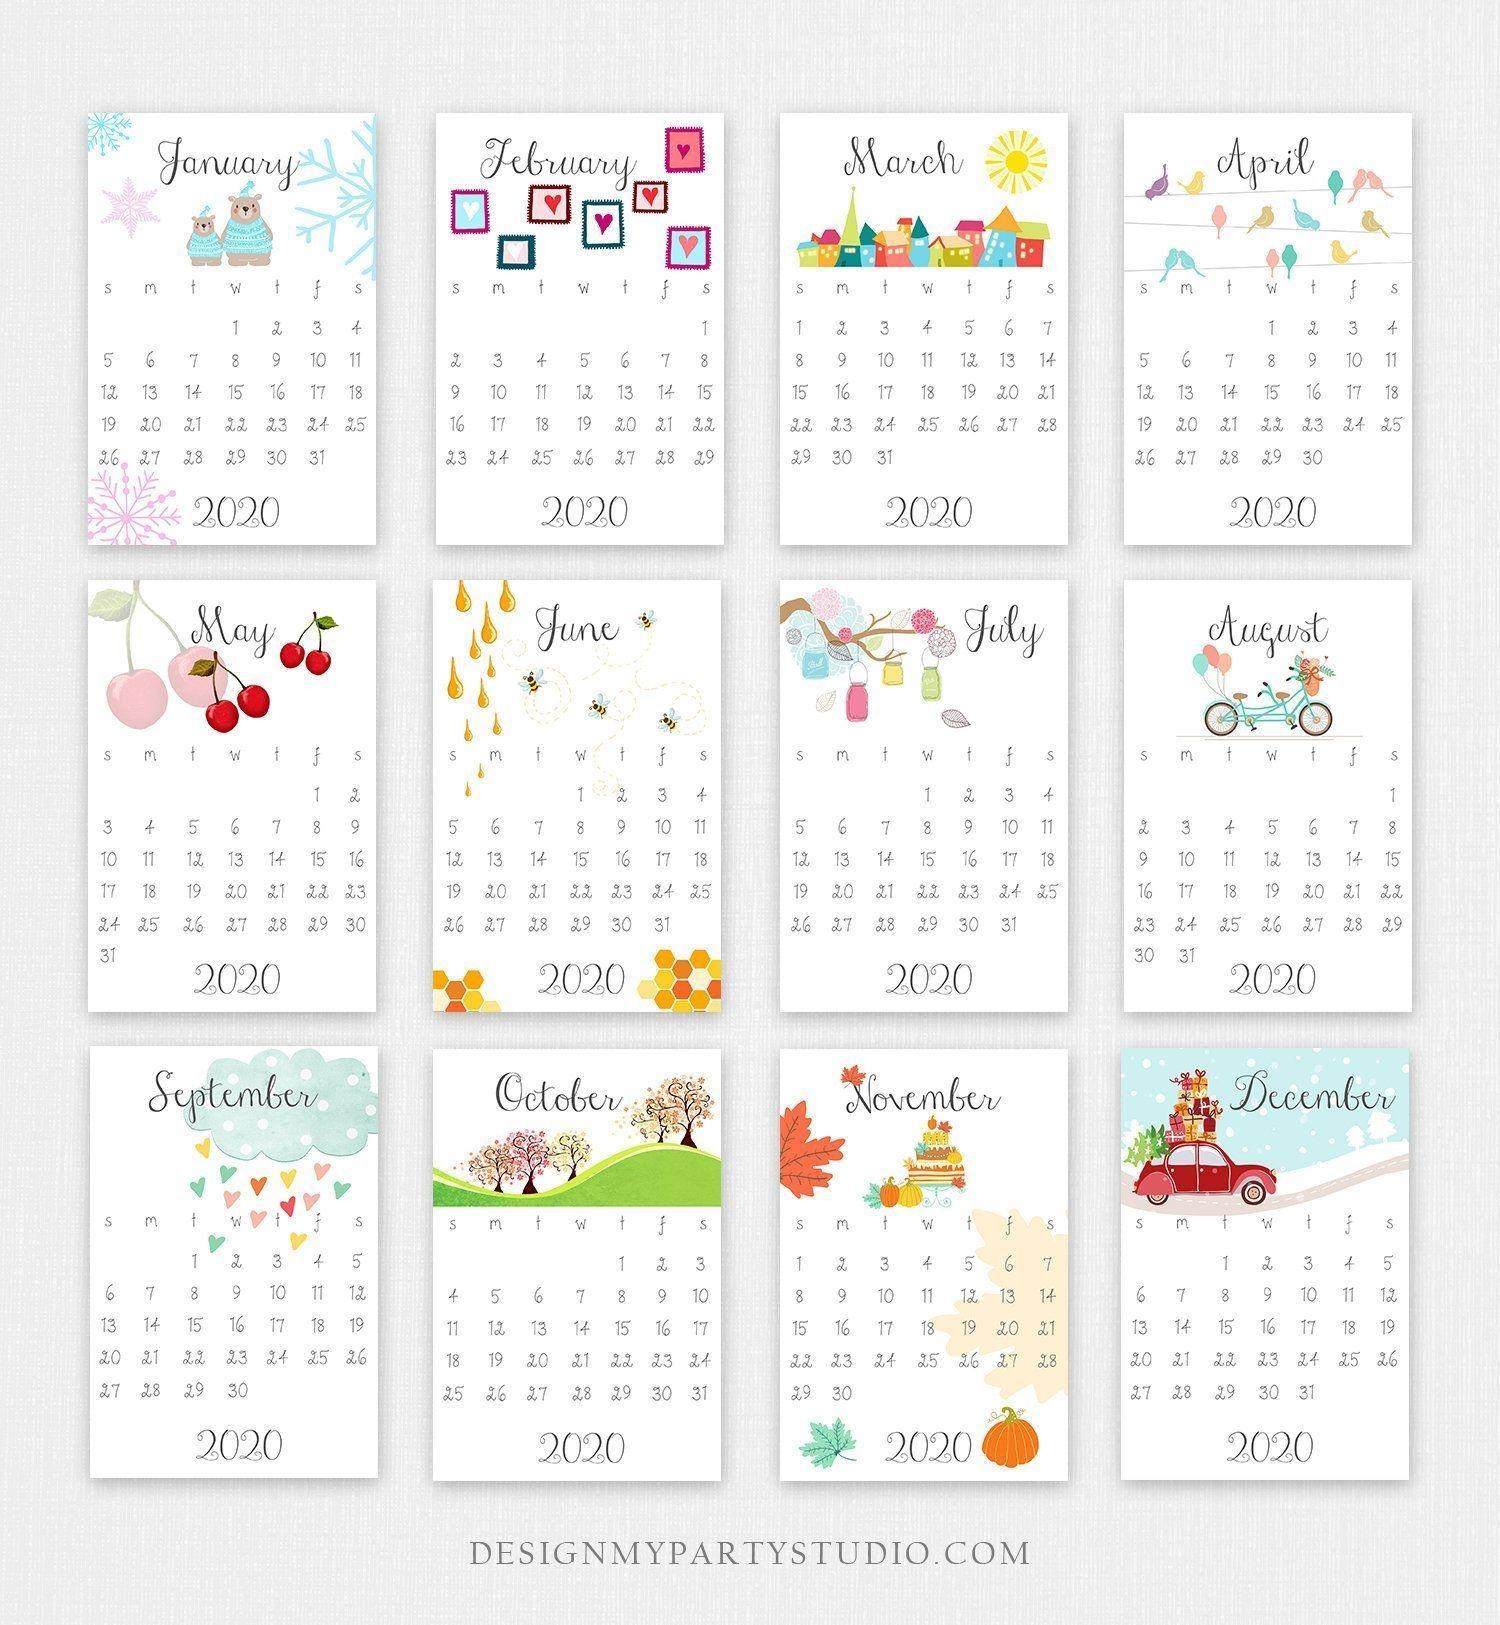 printable 2020 calendar wall calendar desk calendar